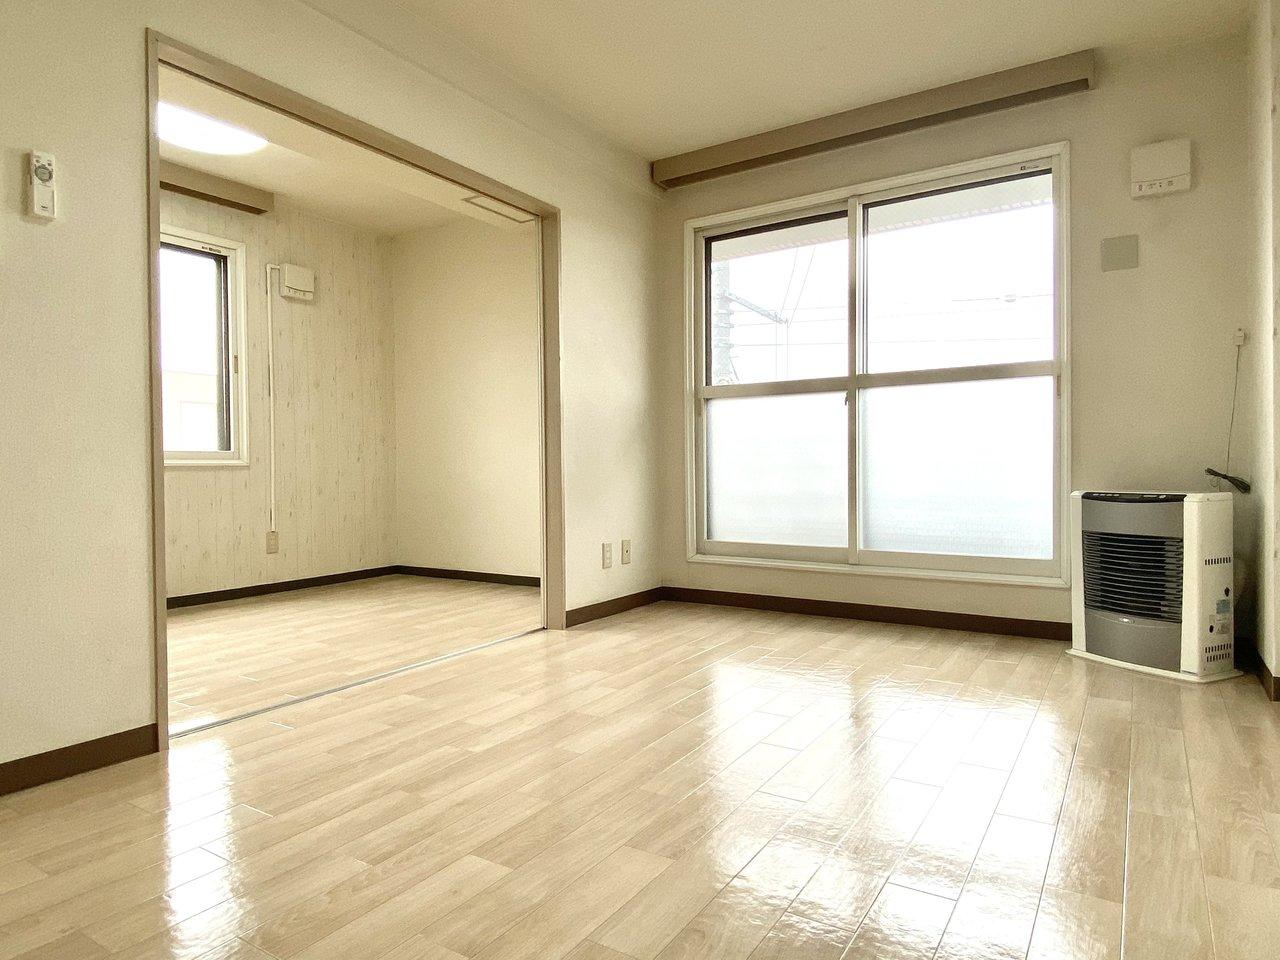 リビングと寝室は隣り合わせに。寝室は5.1畳あるのでダブルベッドも置けますね。一人暮らしではワークデスクとセットで置いてもいいかも。